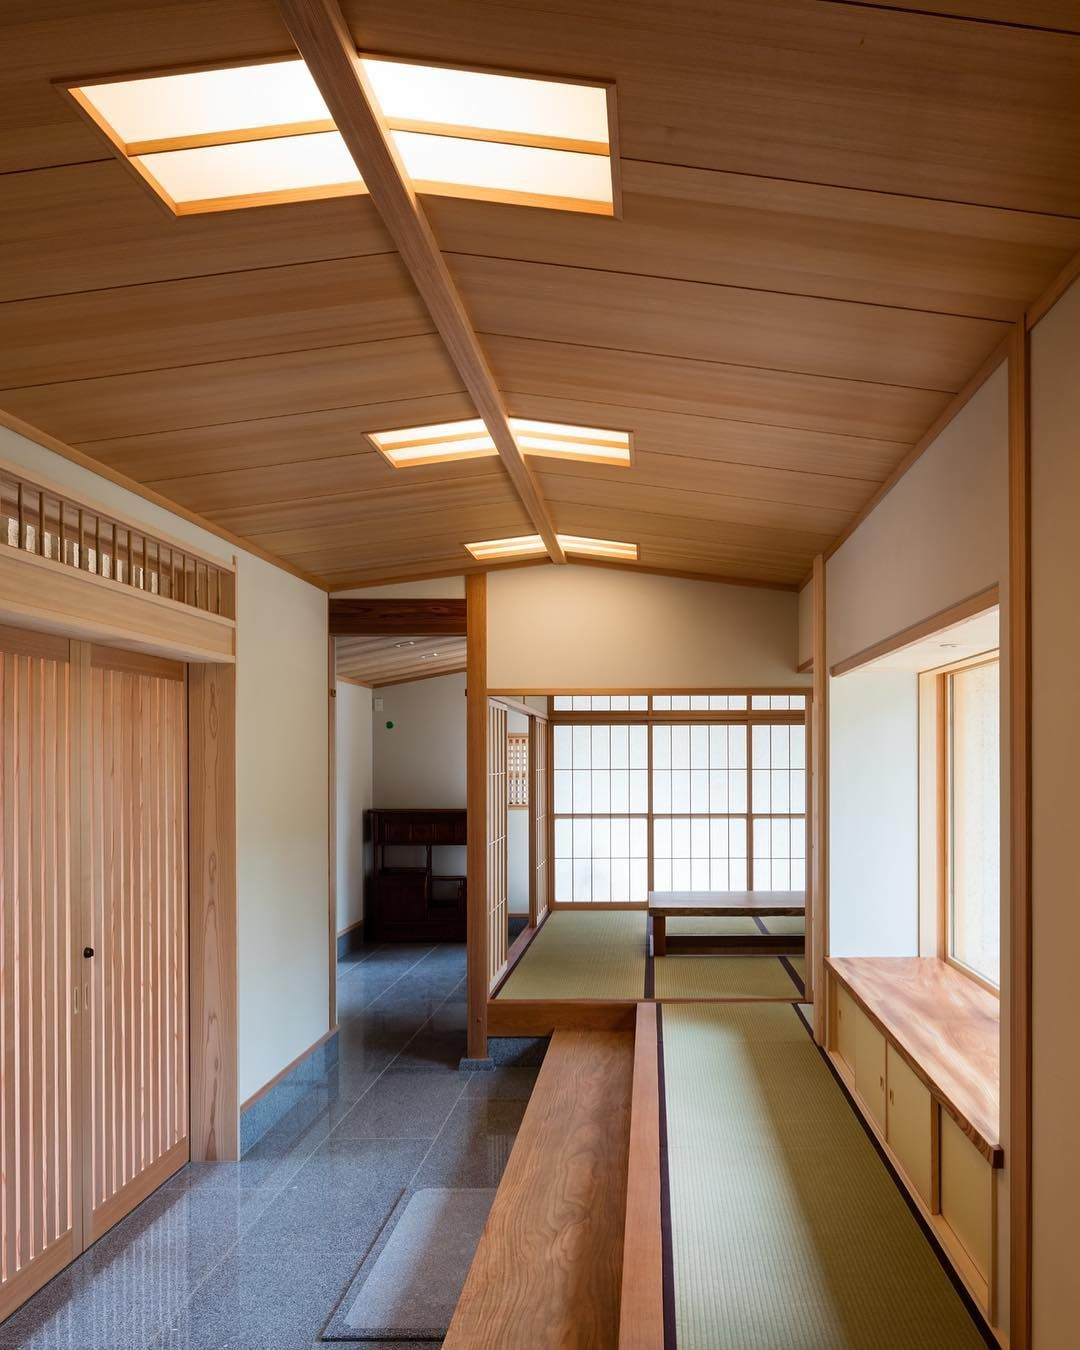 柊の家 House Of Holly Osmanthus Photo Shigeo Ogawa 和風住宅 日本